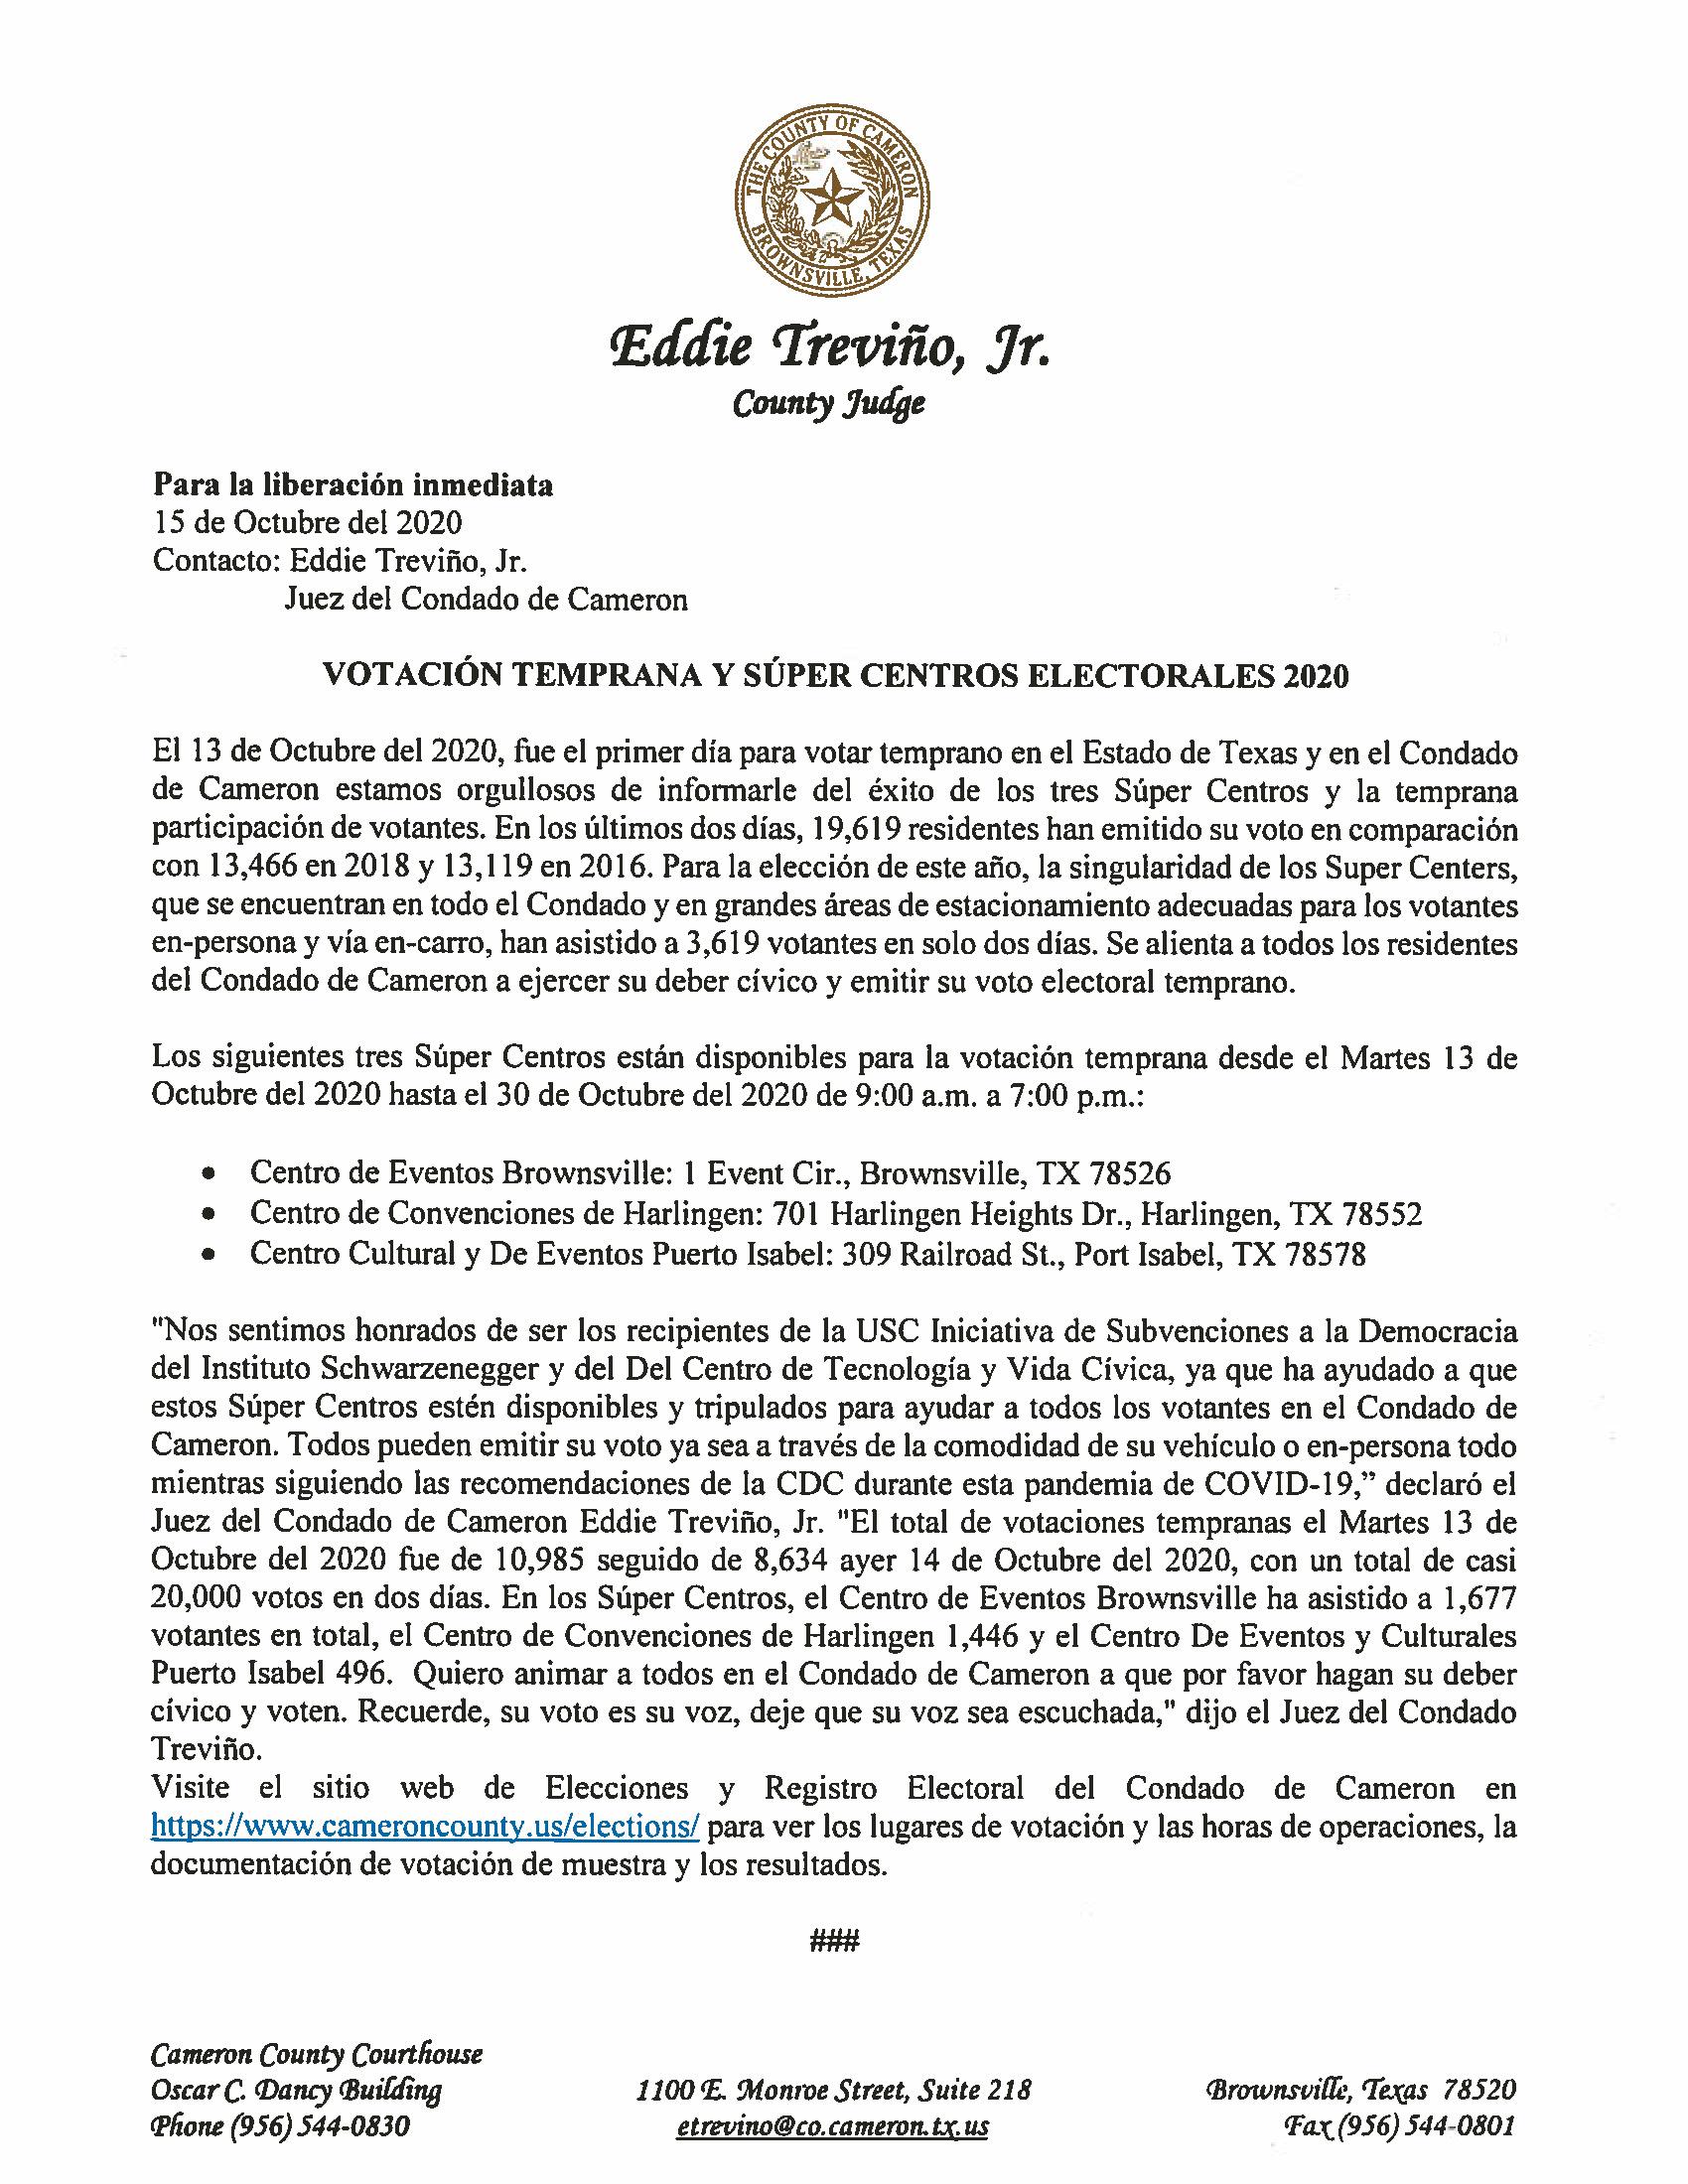 10.15.2020 Votacion Temprana Y Super Centros Electorales 2020